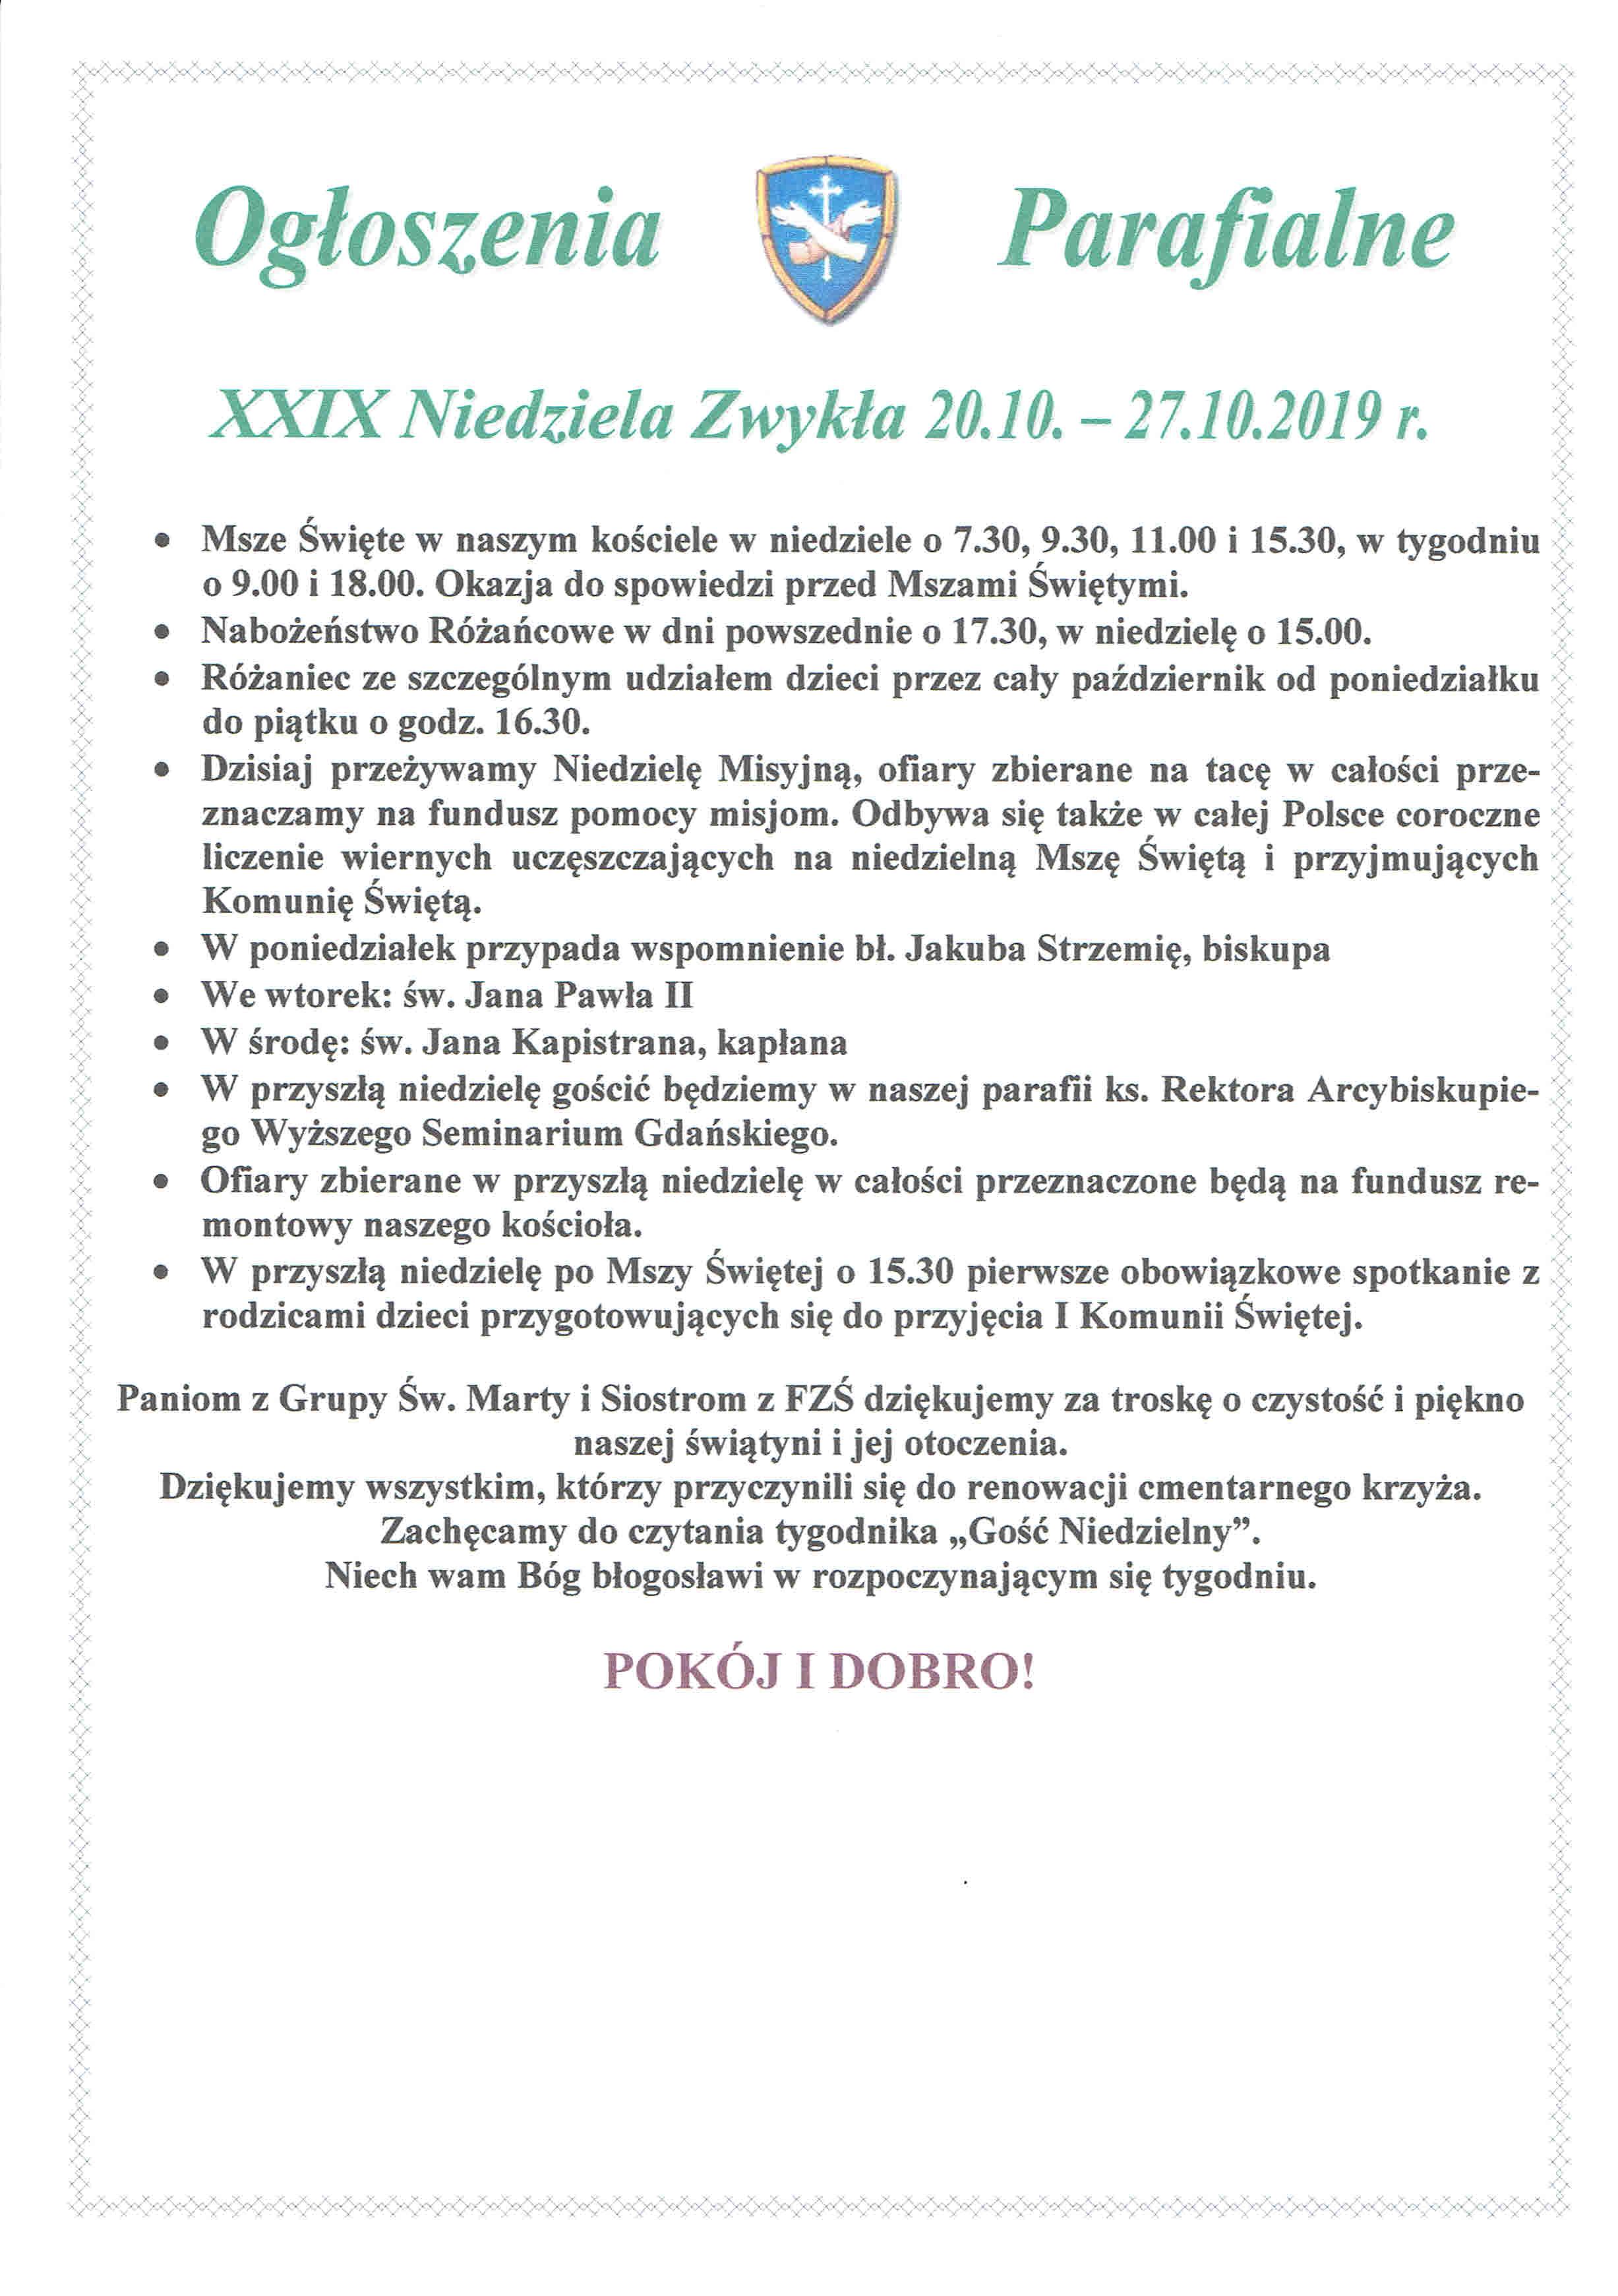 ogloszenia-20-10-201920191019